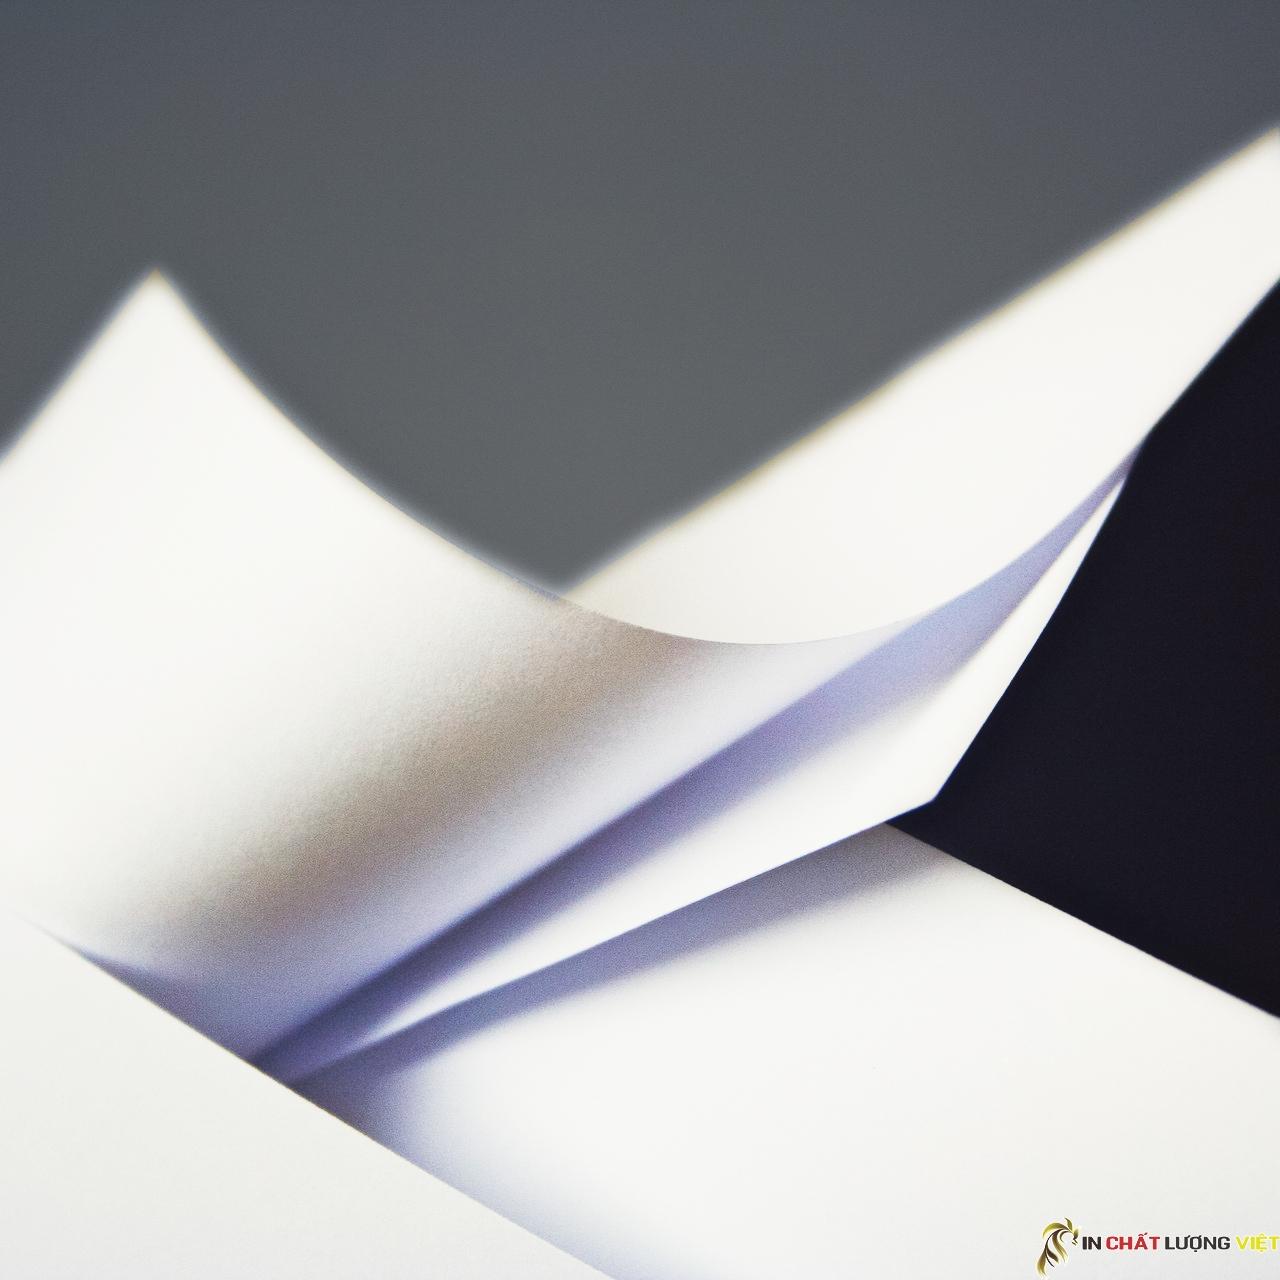 Giấy econo là loại giấy với màu sắc sáng in đẹp, cầm rất sang trọng